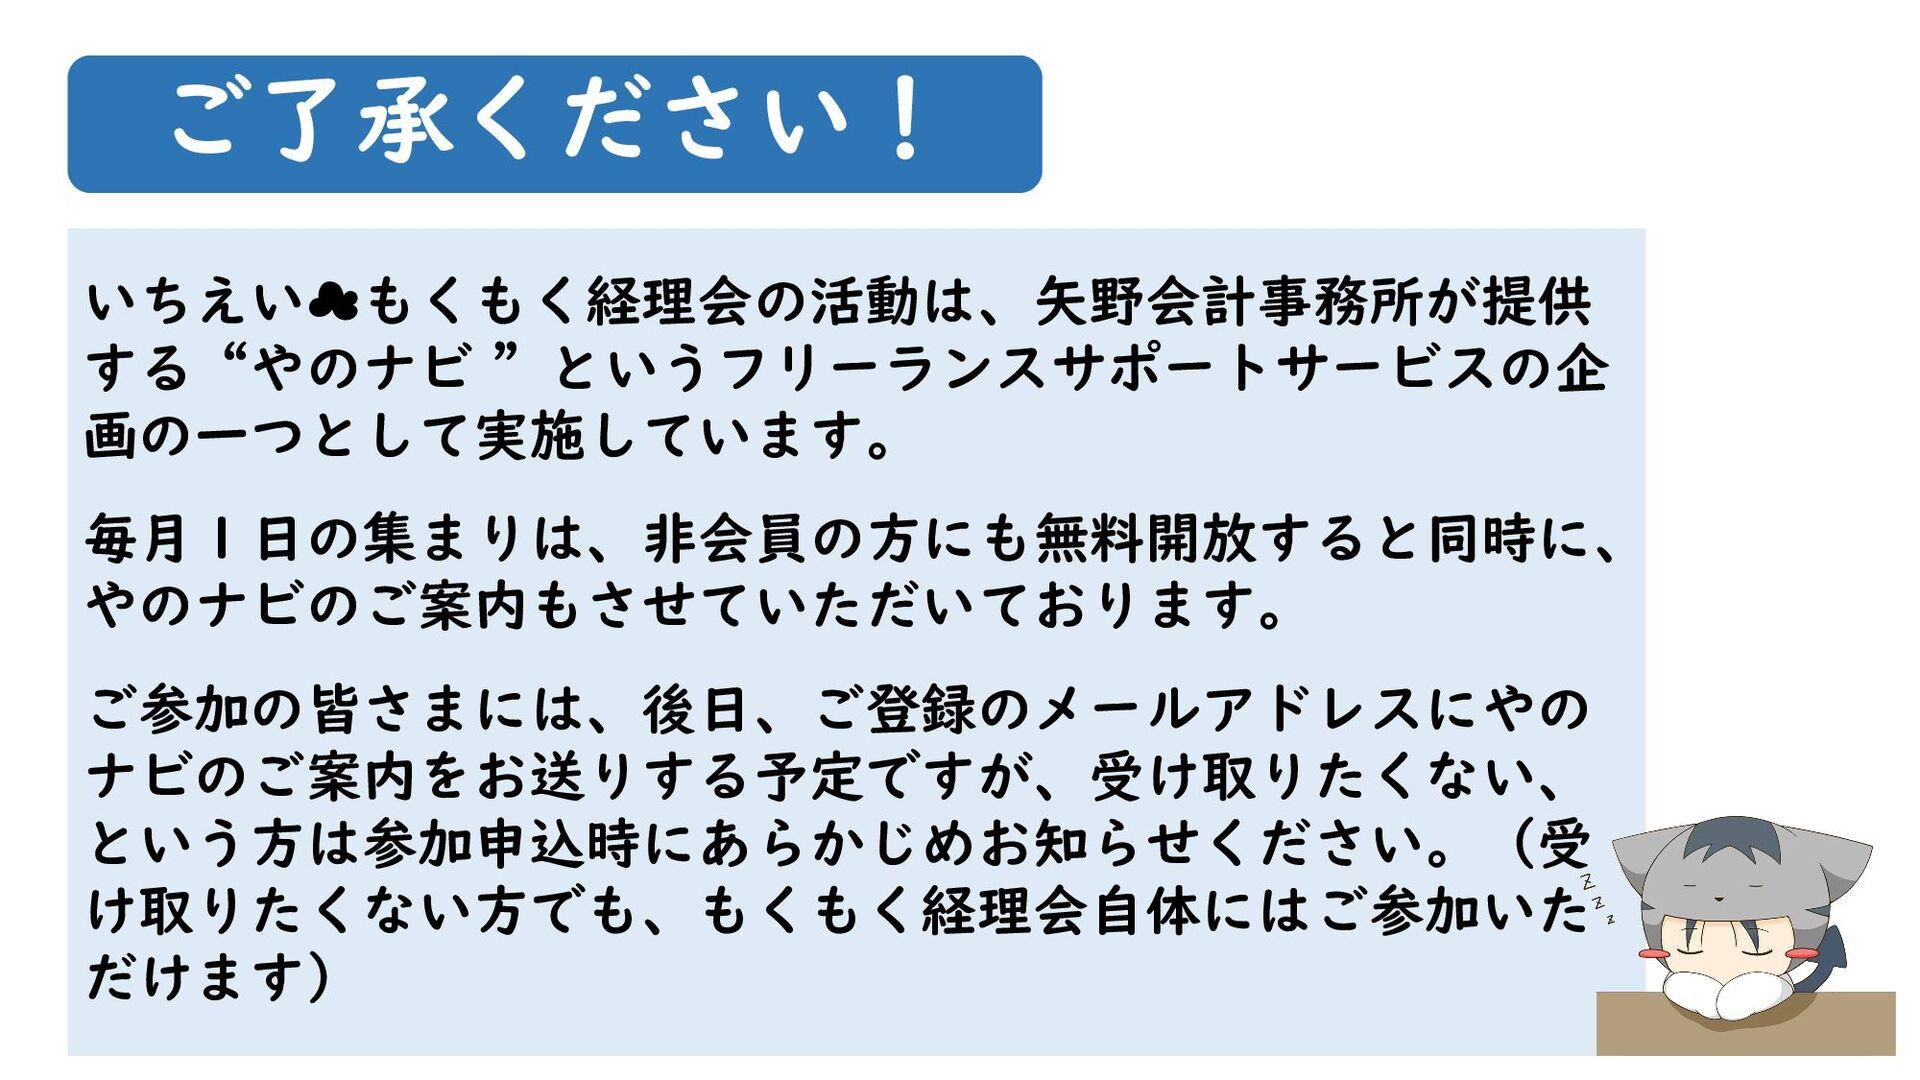 """いちえい☁もくもく経理会の活動は、8月7日正式リリー ス予定の""""やのナビ """"というフリーランス..."""